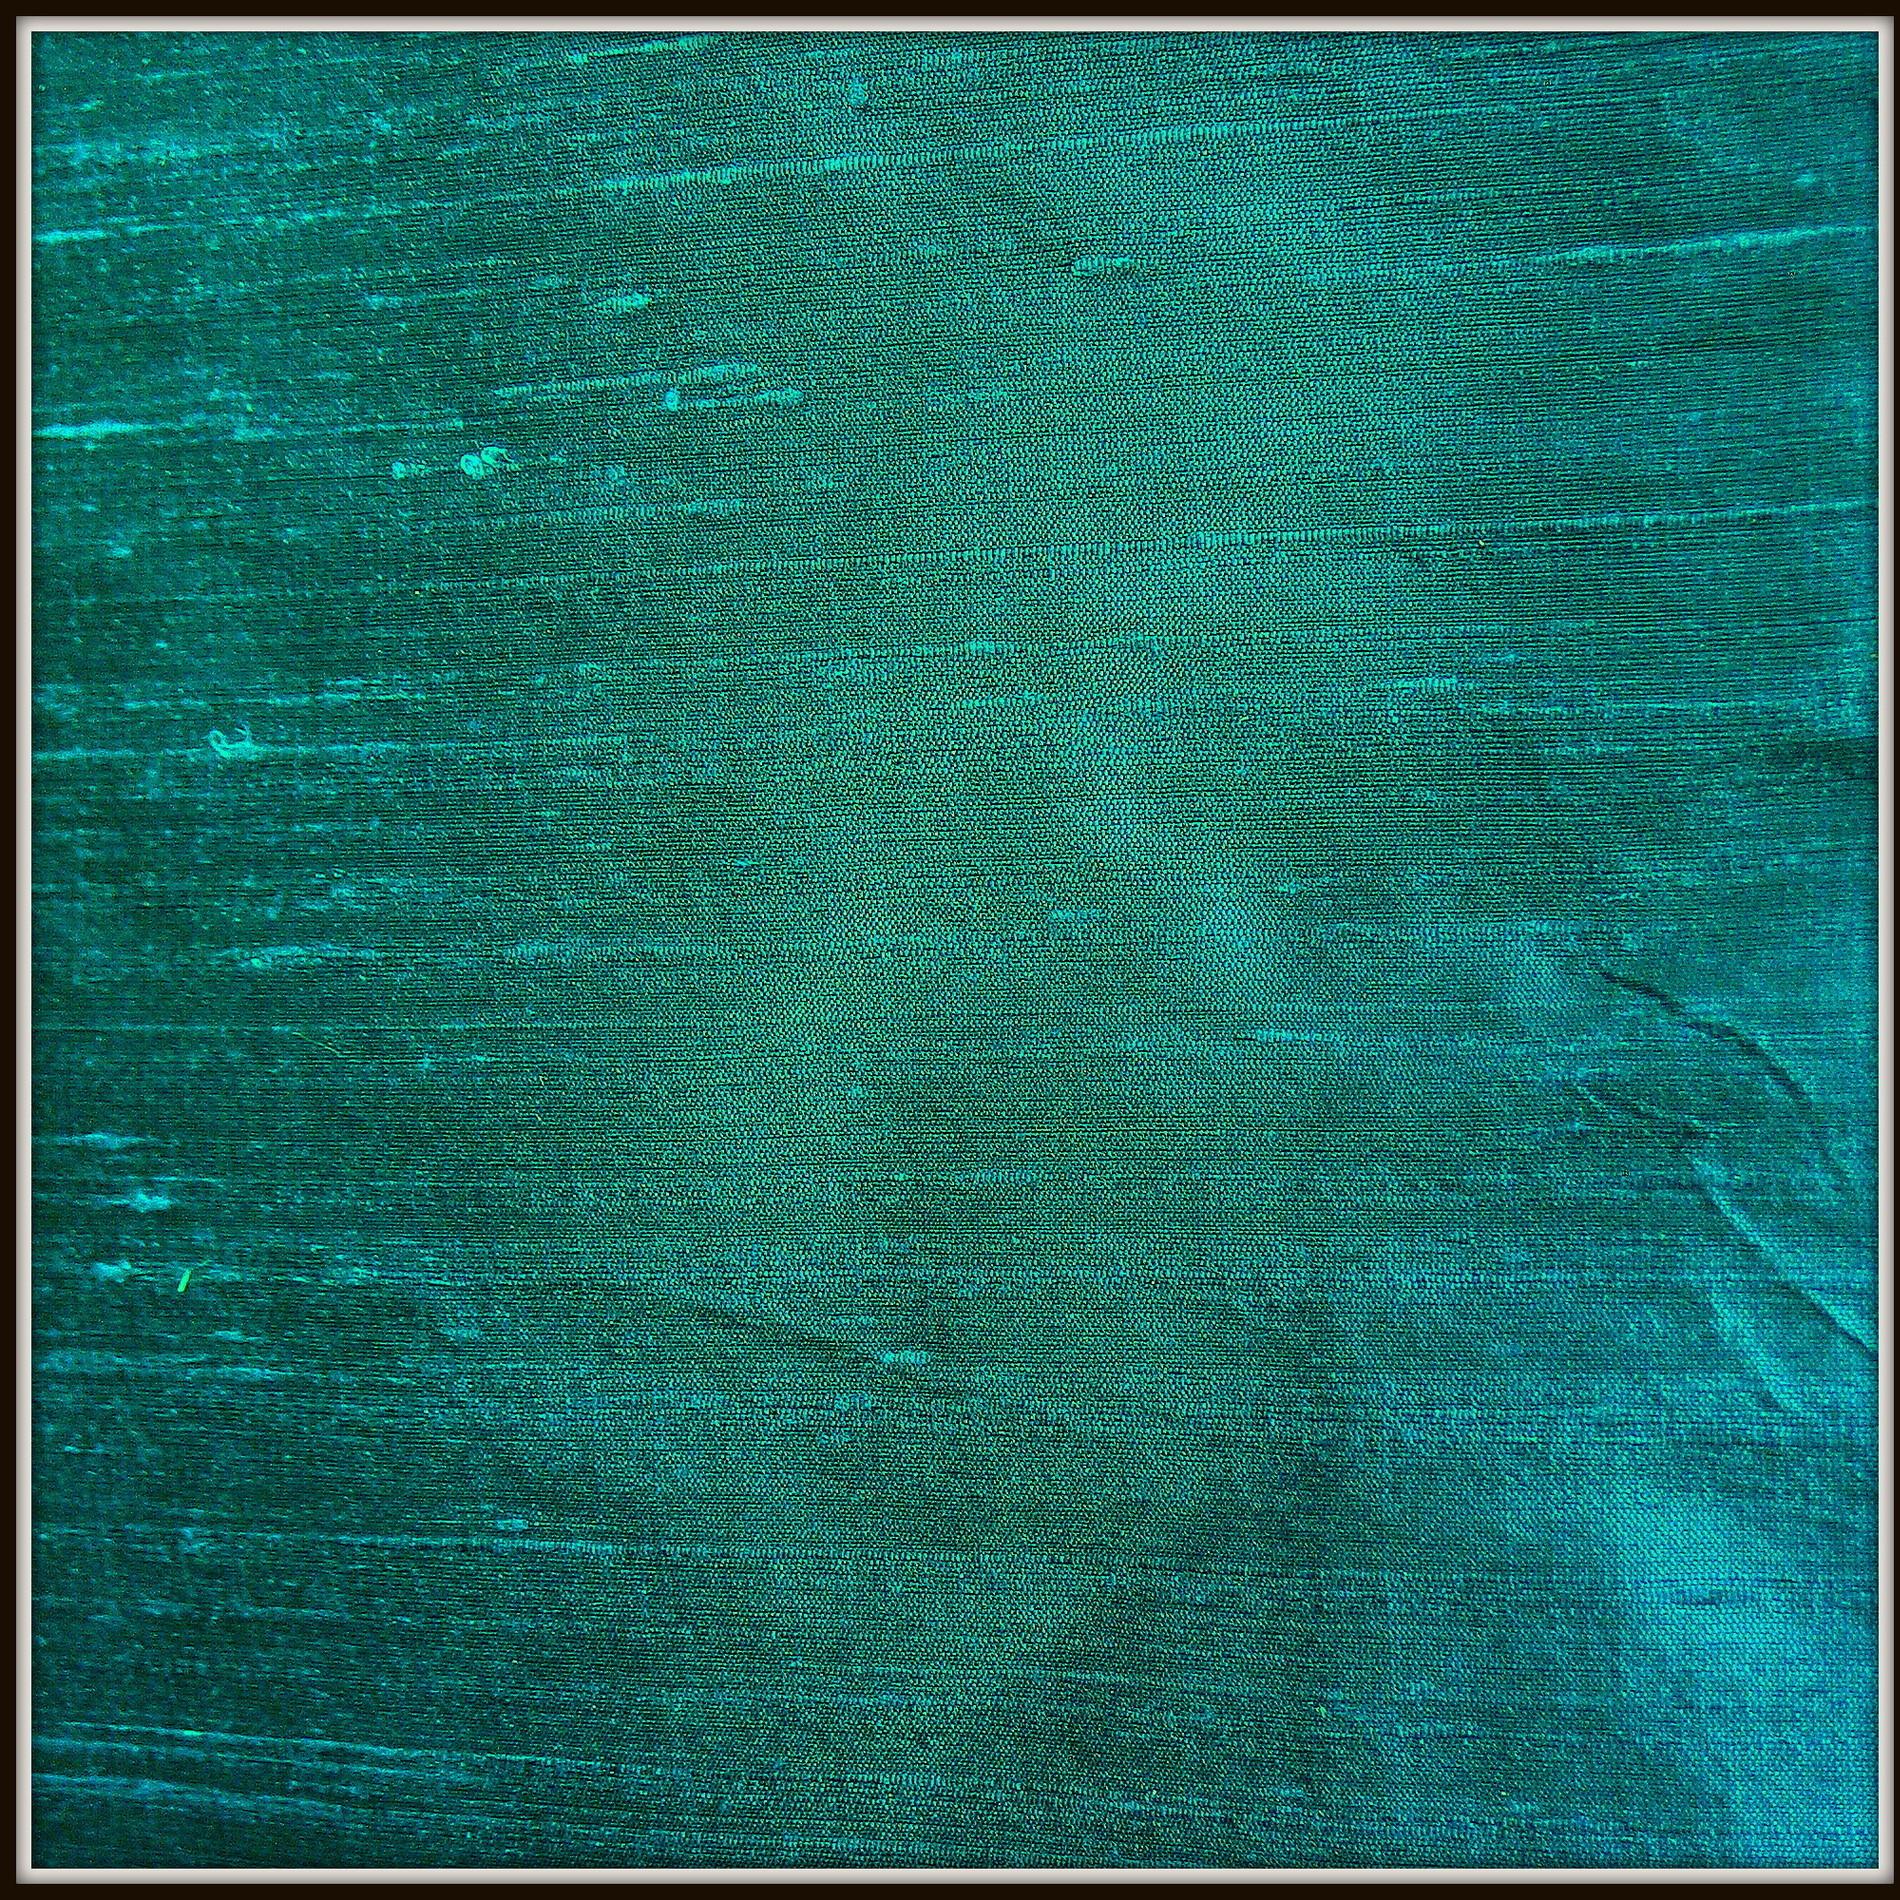 Petrol Farbe 100 seiden dupion 75 mittel petrol grün 50 farben plain fabrics